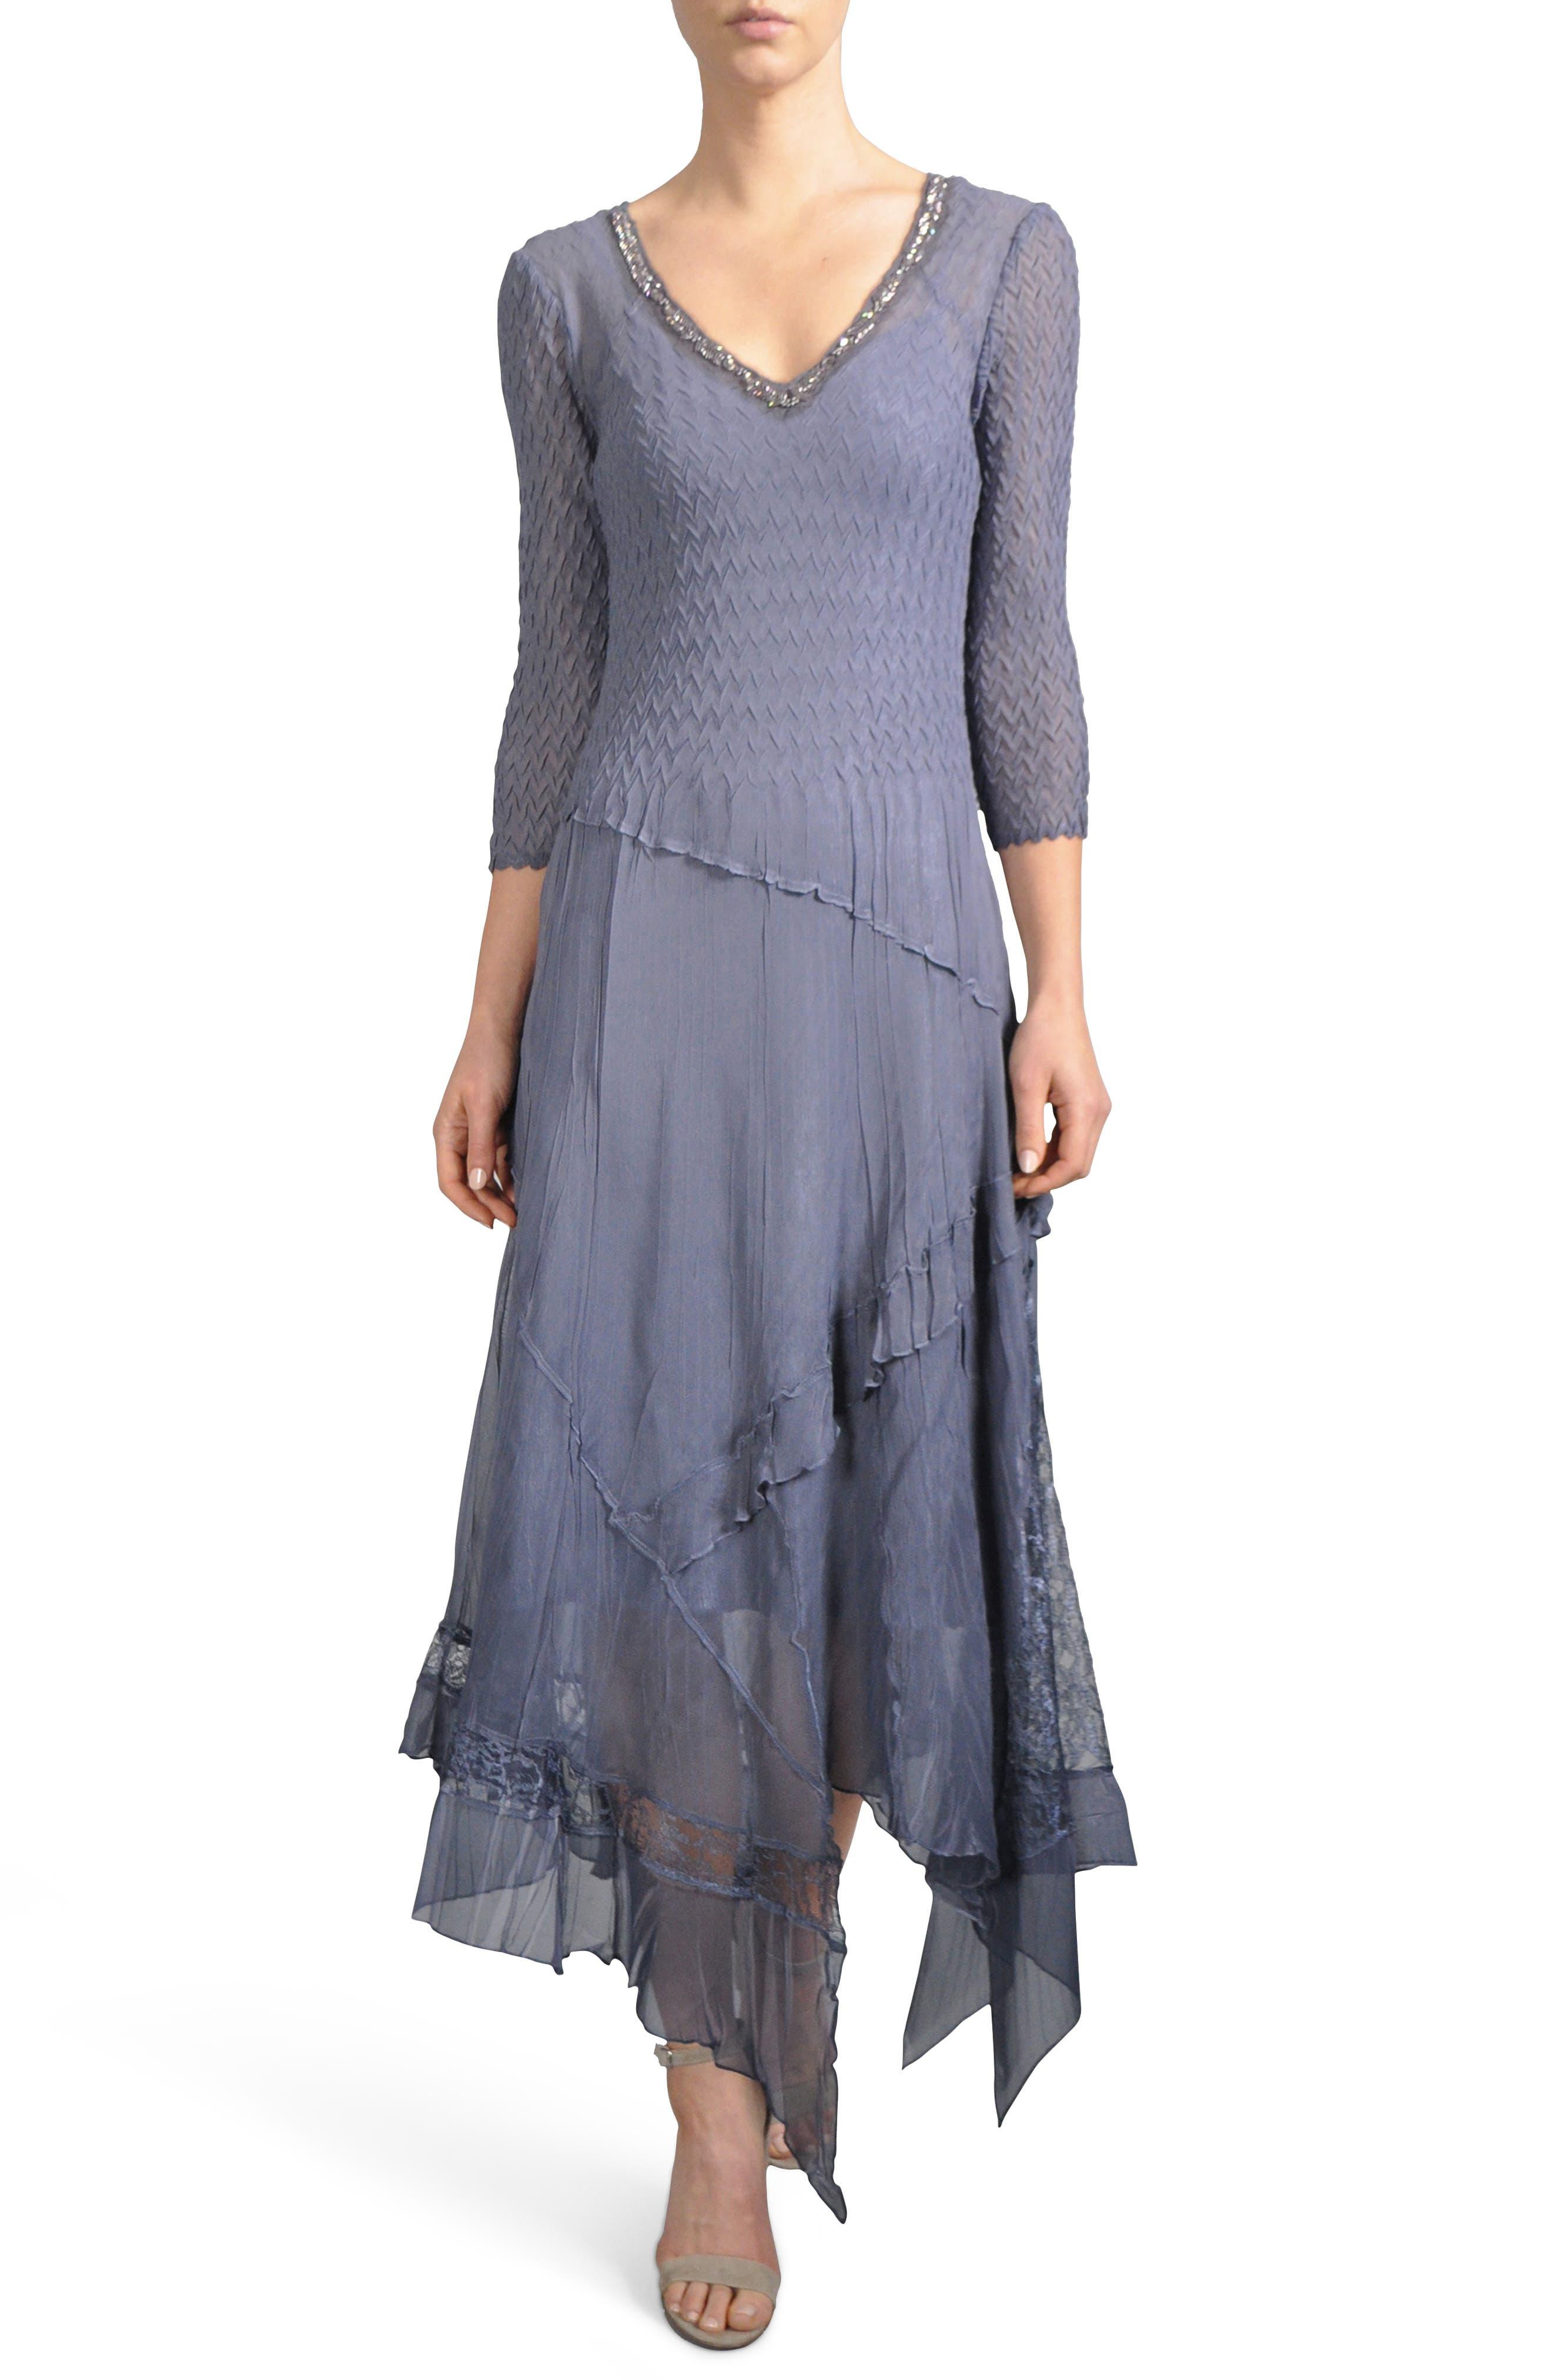 Main Image - Komarov Beaded Neck Handkerchief Hem Dress